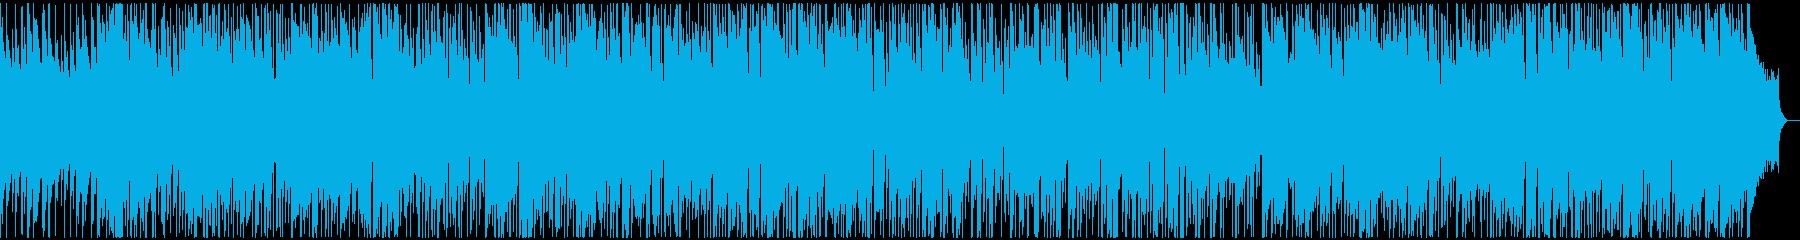 ハーモニカが唄うすこし物憂いボサノバの再生済みの波形